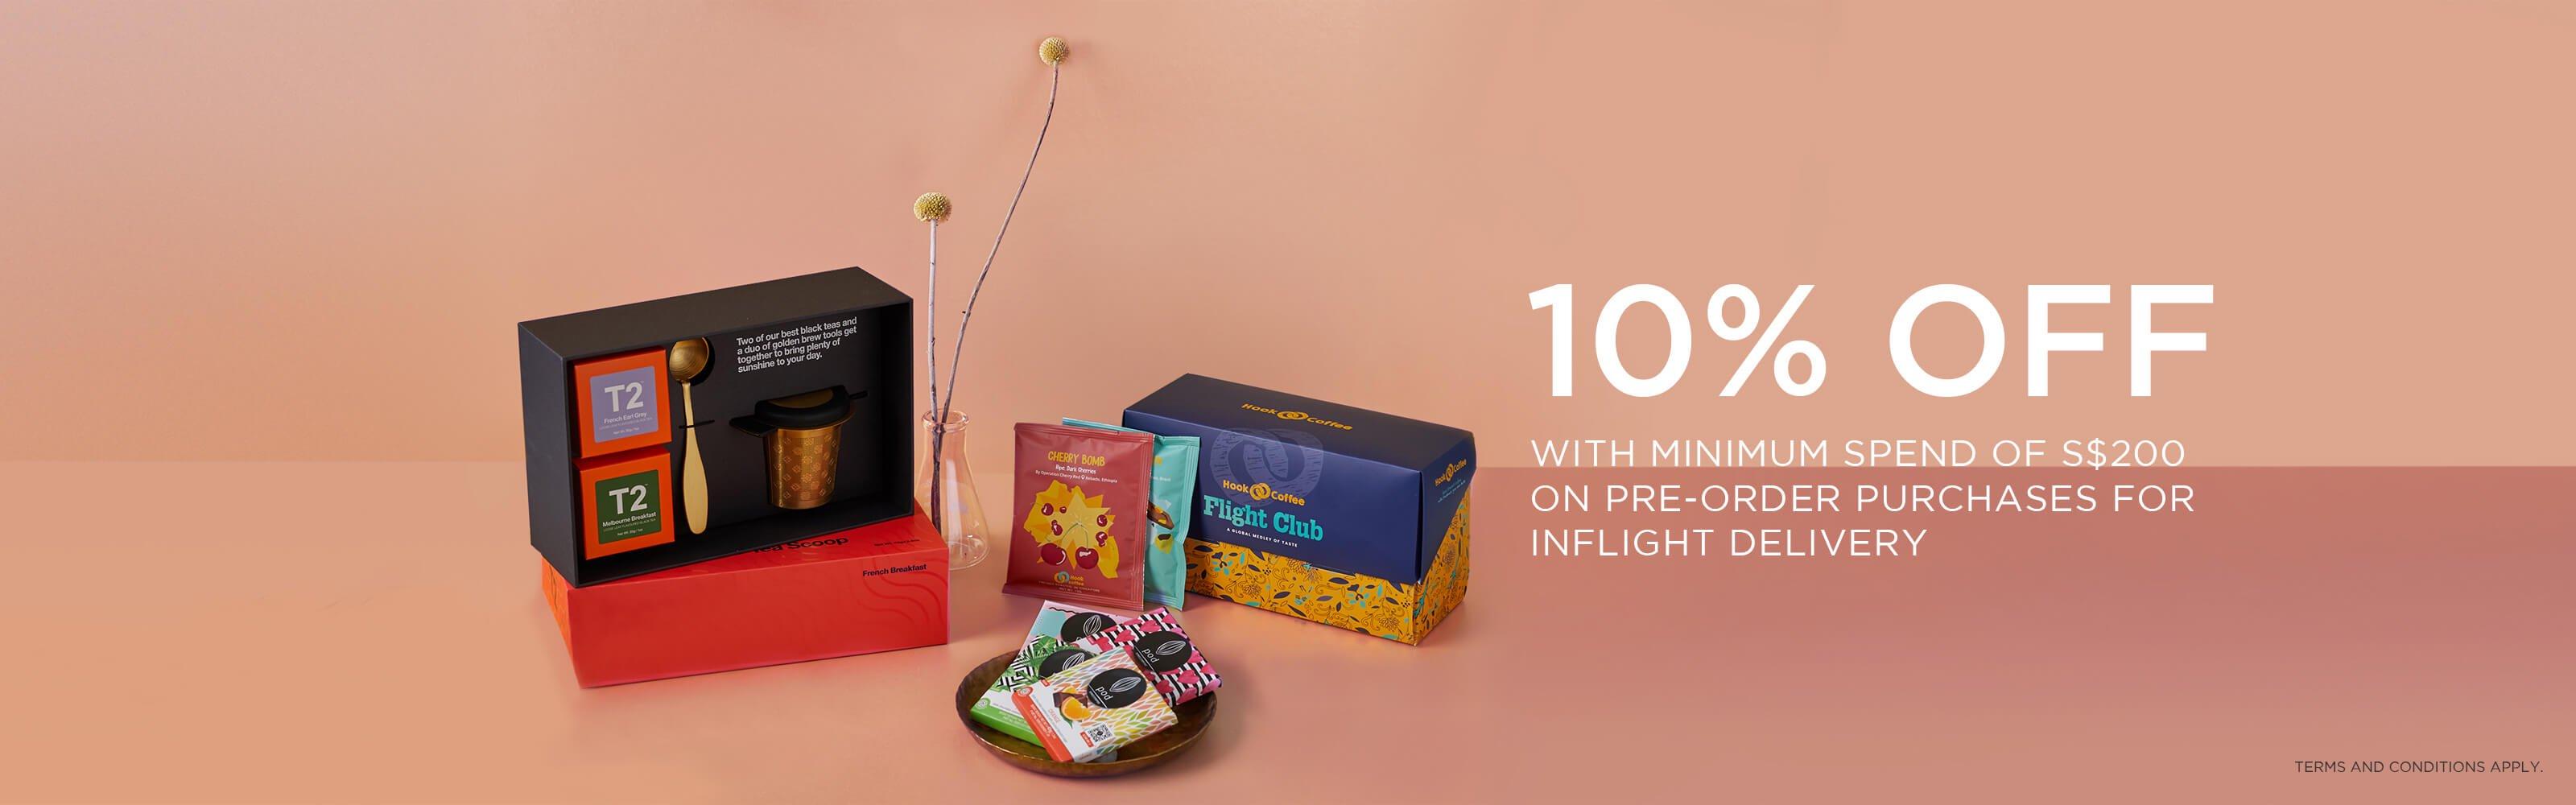 KrisShop Pre-Order 10% off Promotion